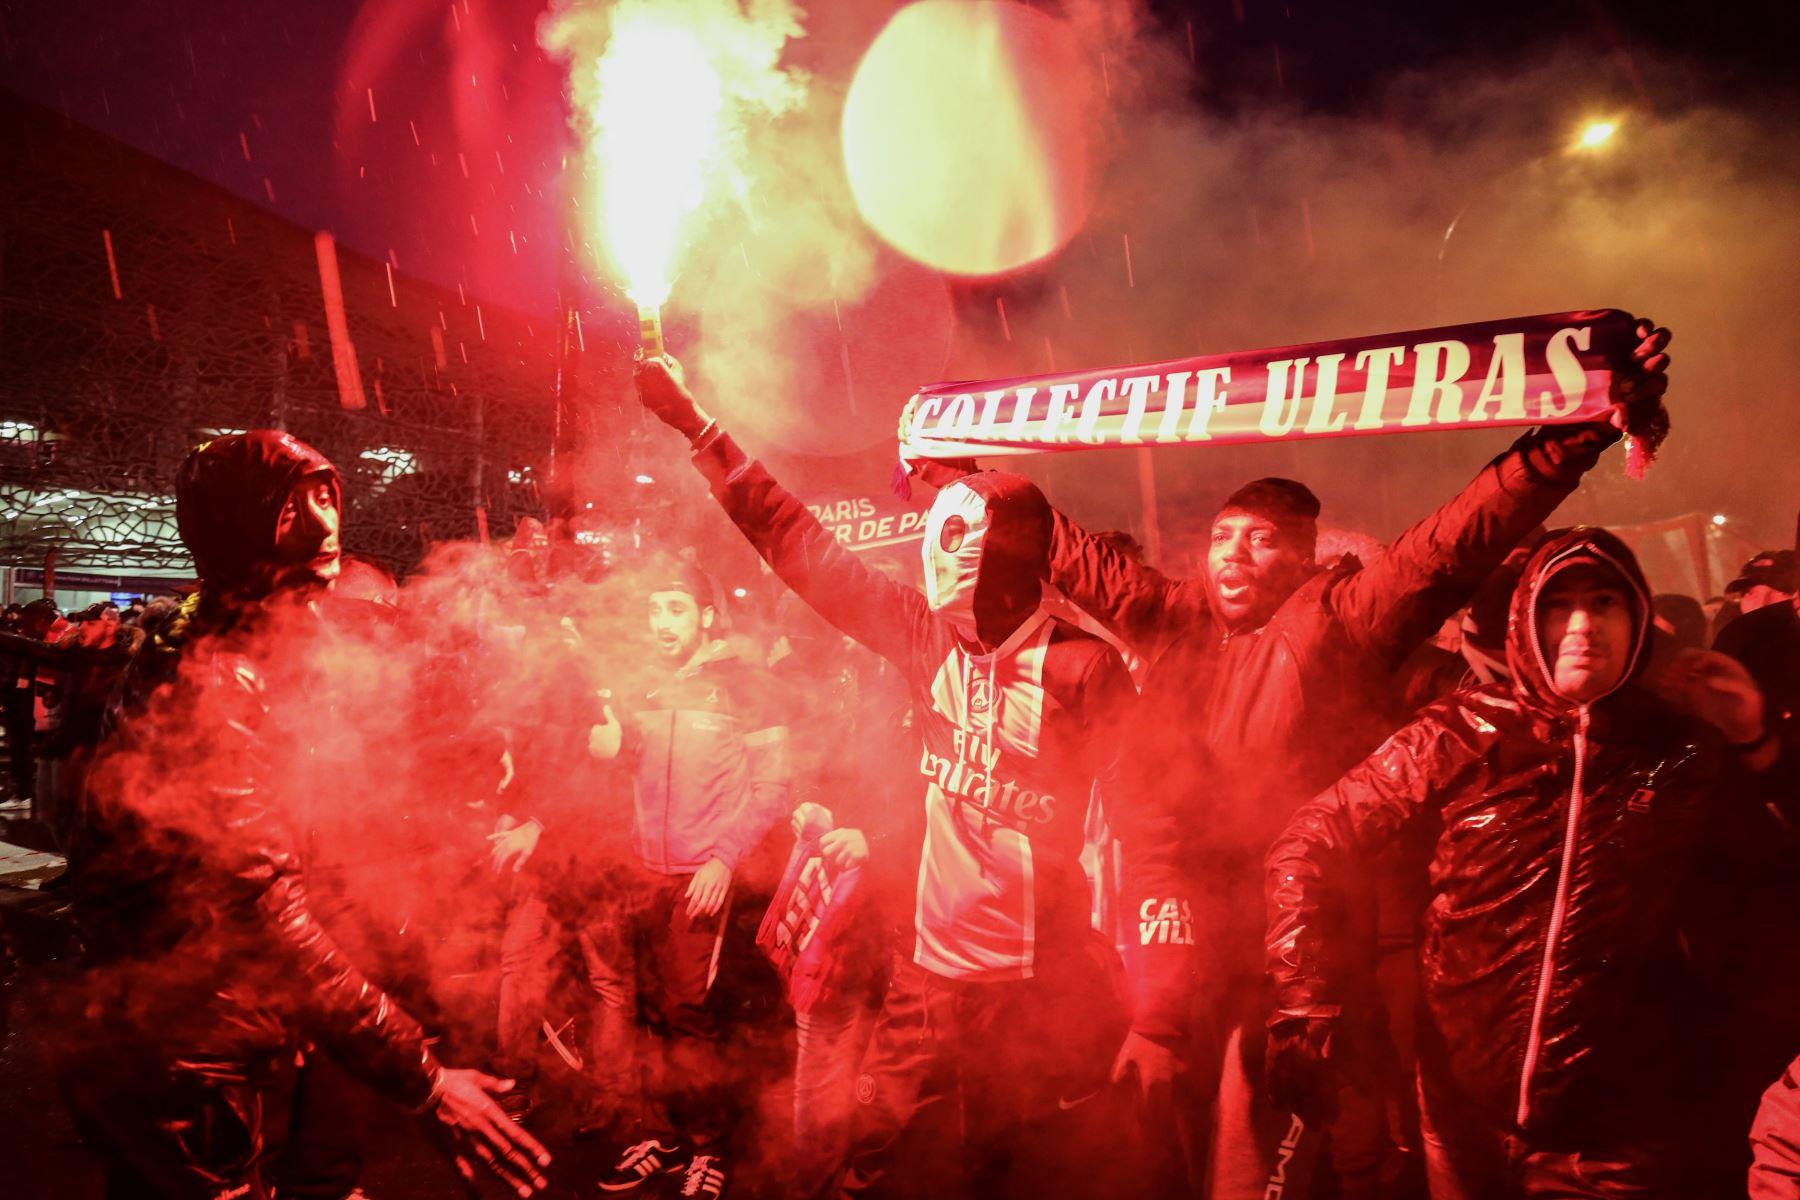 Hinchas del Paris Saint-Germain queman bengalas fuera del estadio Parque de los príncipes en París. Foto: AFP